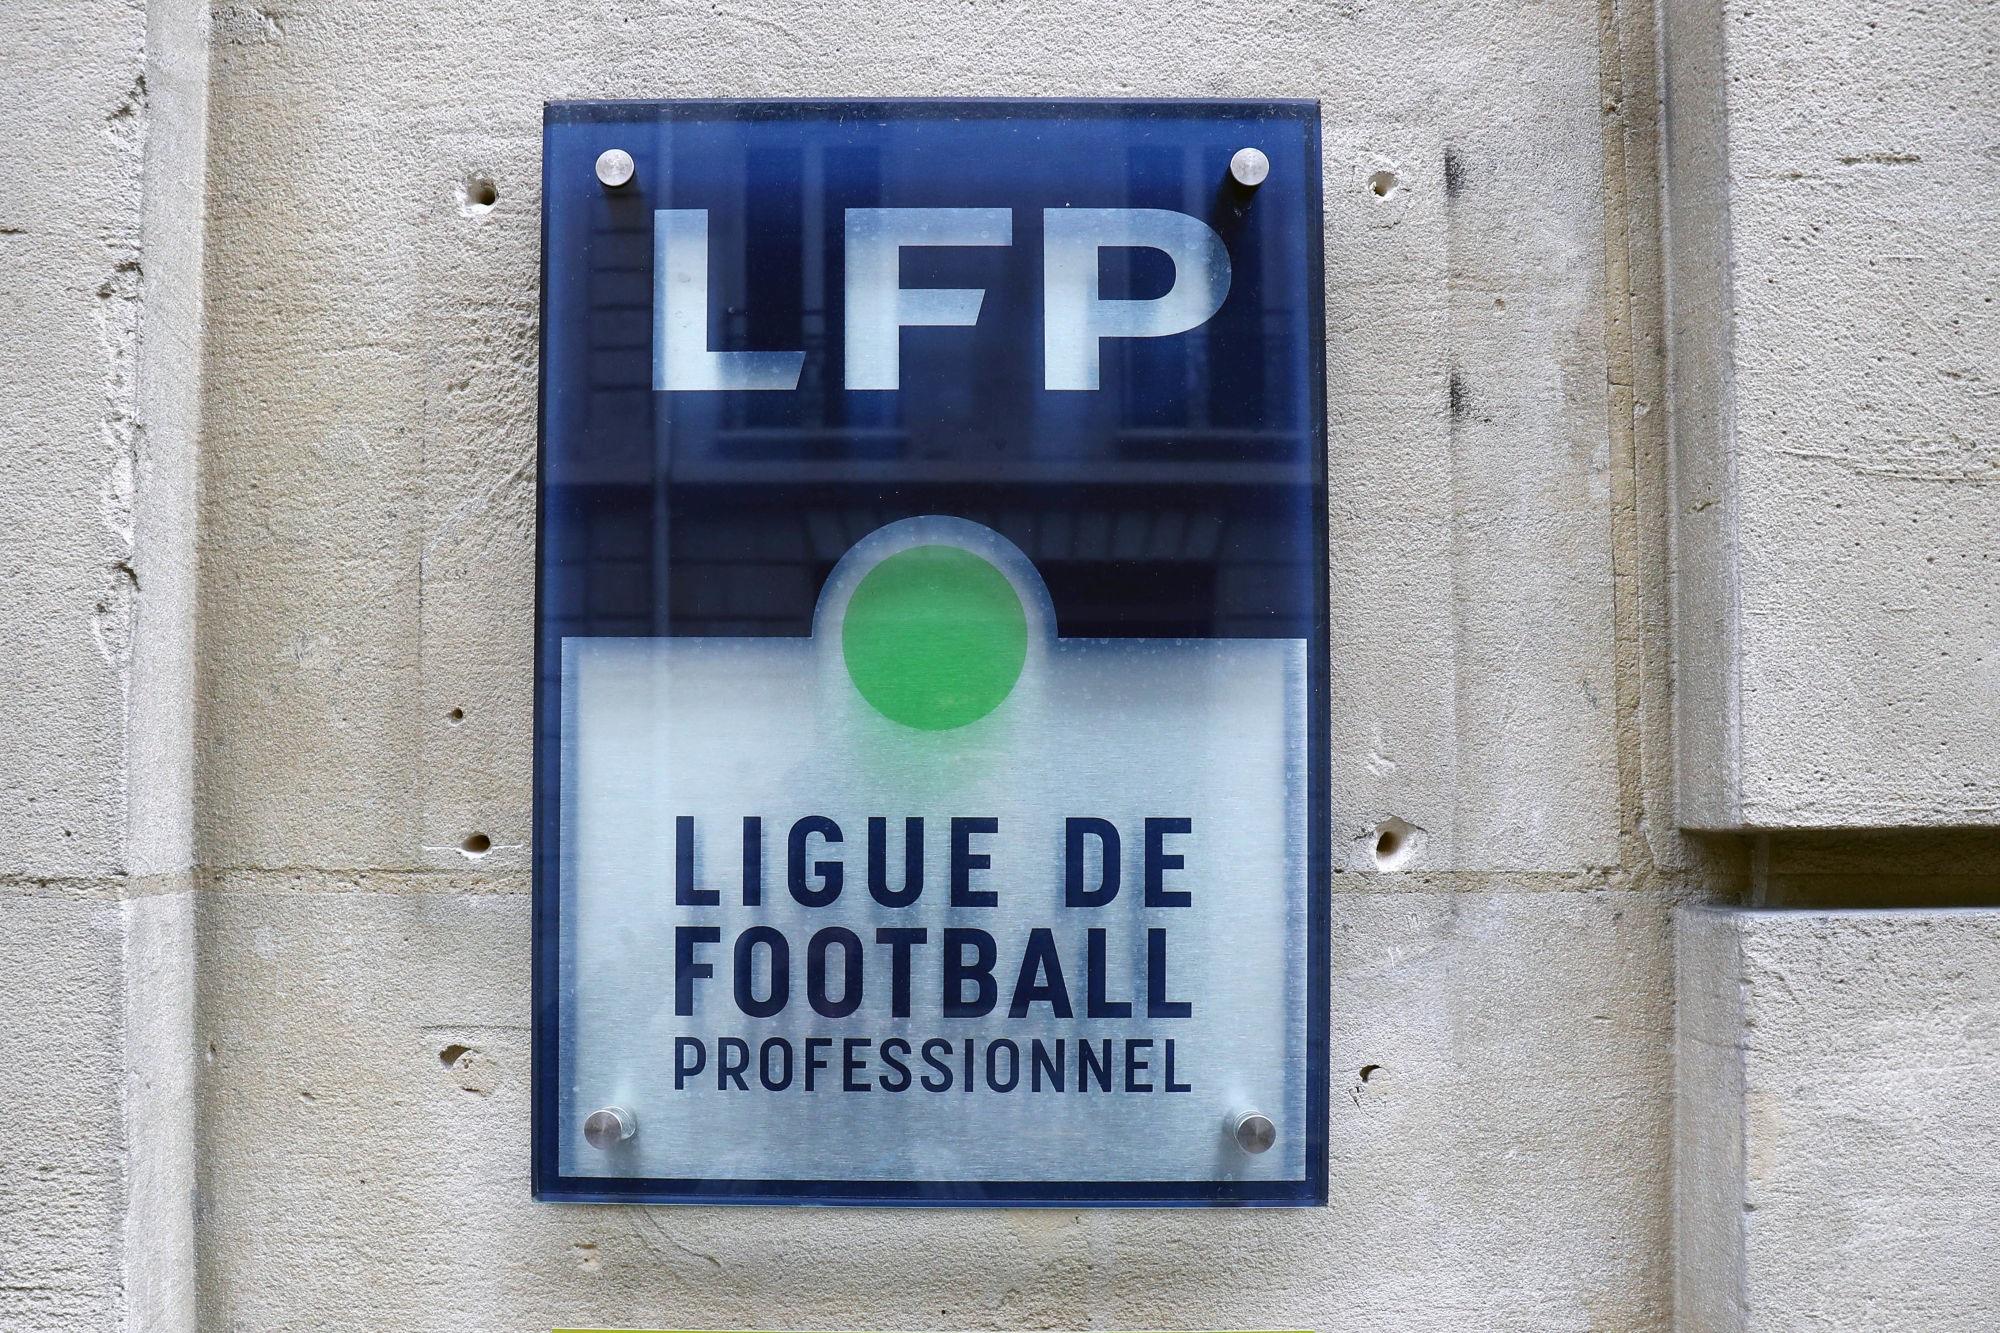 Officiel - La LFP présente les ballons de Ligue 1 et Ligue 2 2020-2021